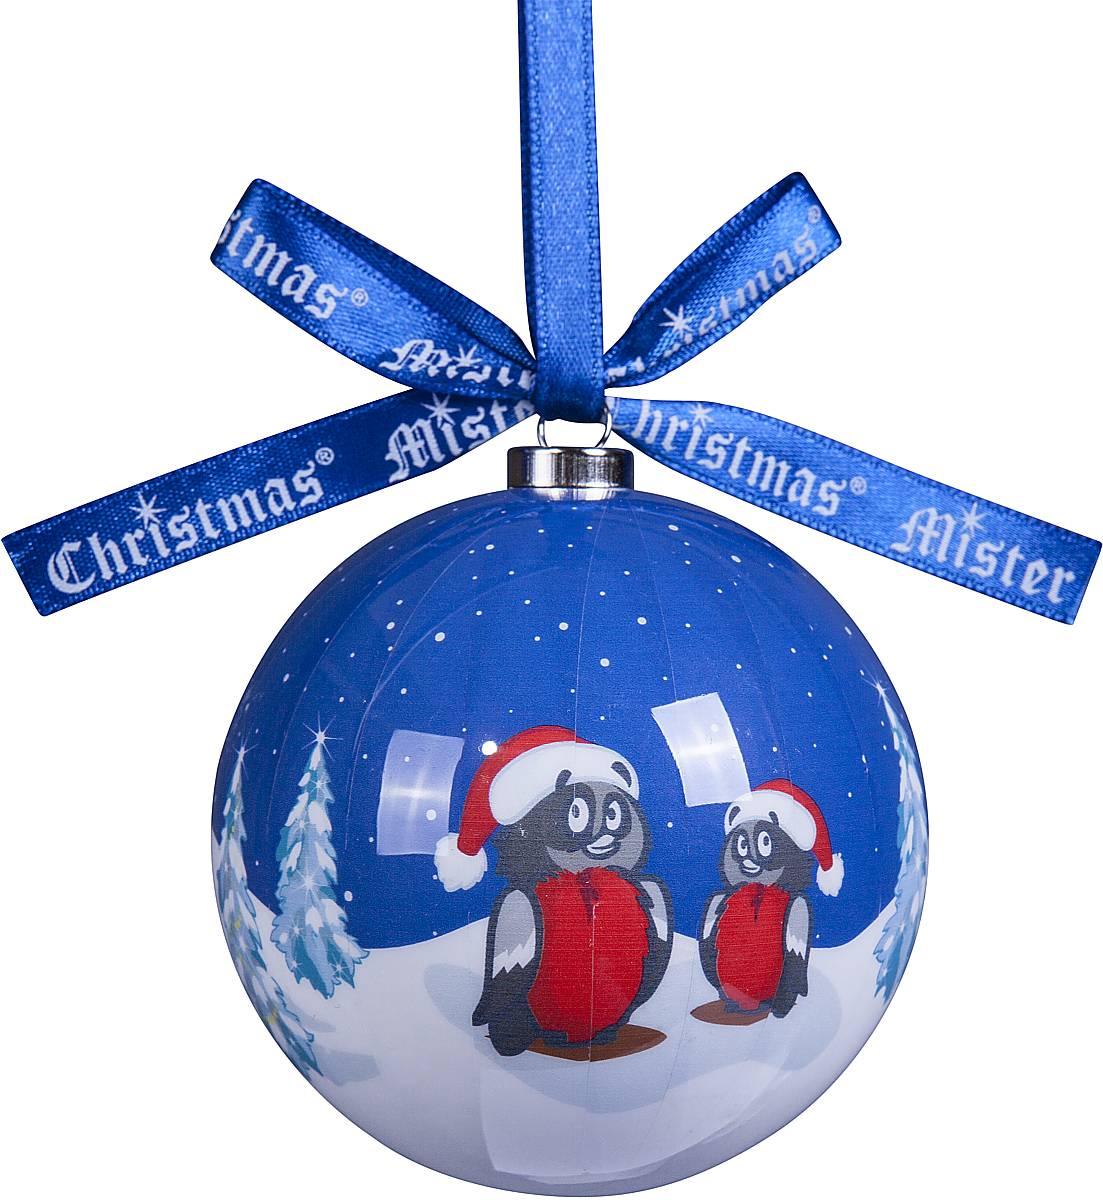 Украшение новогоднее подвесное Mister Christmas Папье-маше, диаметр 7,5 см. PM-54TM-S-2Подвесное украшение Mister Christmas Папье-маше выполнено вручную из бумаги и покрыто несколькими слоями лака. Такой шар очень легкий, но в то же время удивительно прочный. На создание одной такой игрушки уходит несколько дней. И в результате получается настоящее произведение искусства! Изделие оснащено атласной ленточкой с логотипом бренда Mister Christmas для подвешивания. Такое украшение станет превосходным подарком к Новому году, а так же дополнит коллекцию оригинальных новогодних елочных игрушек.